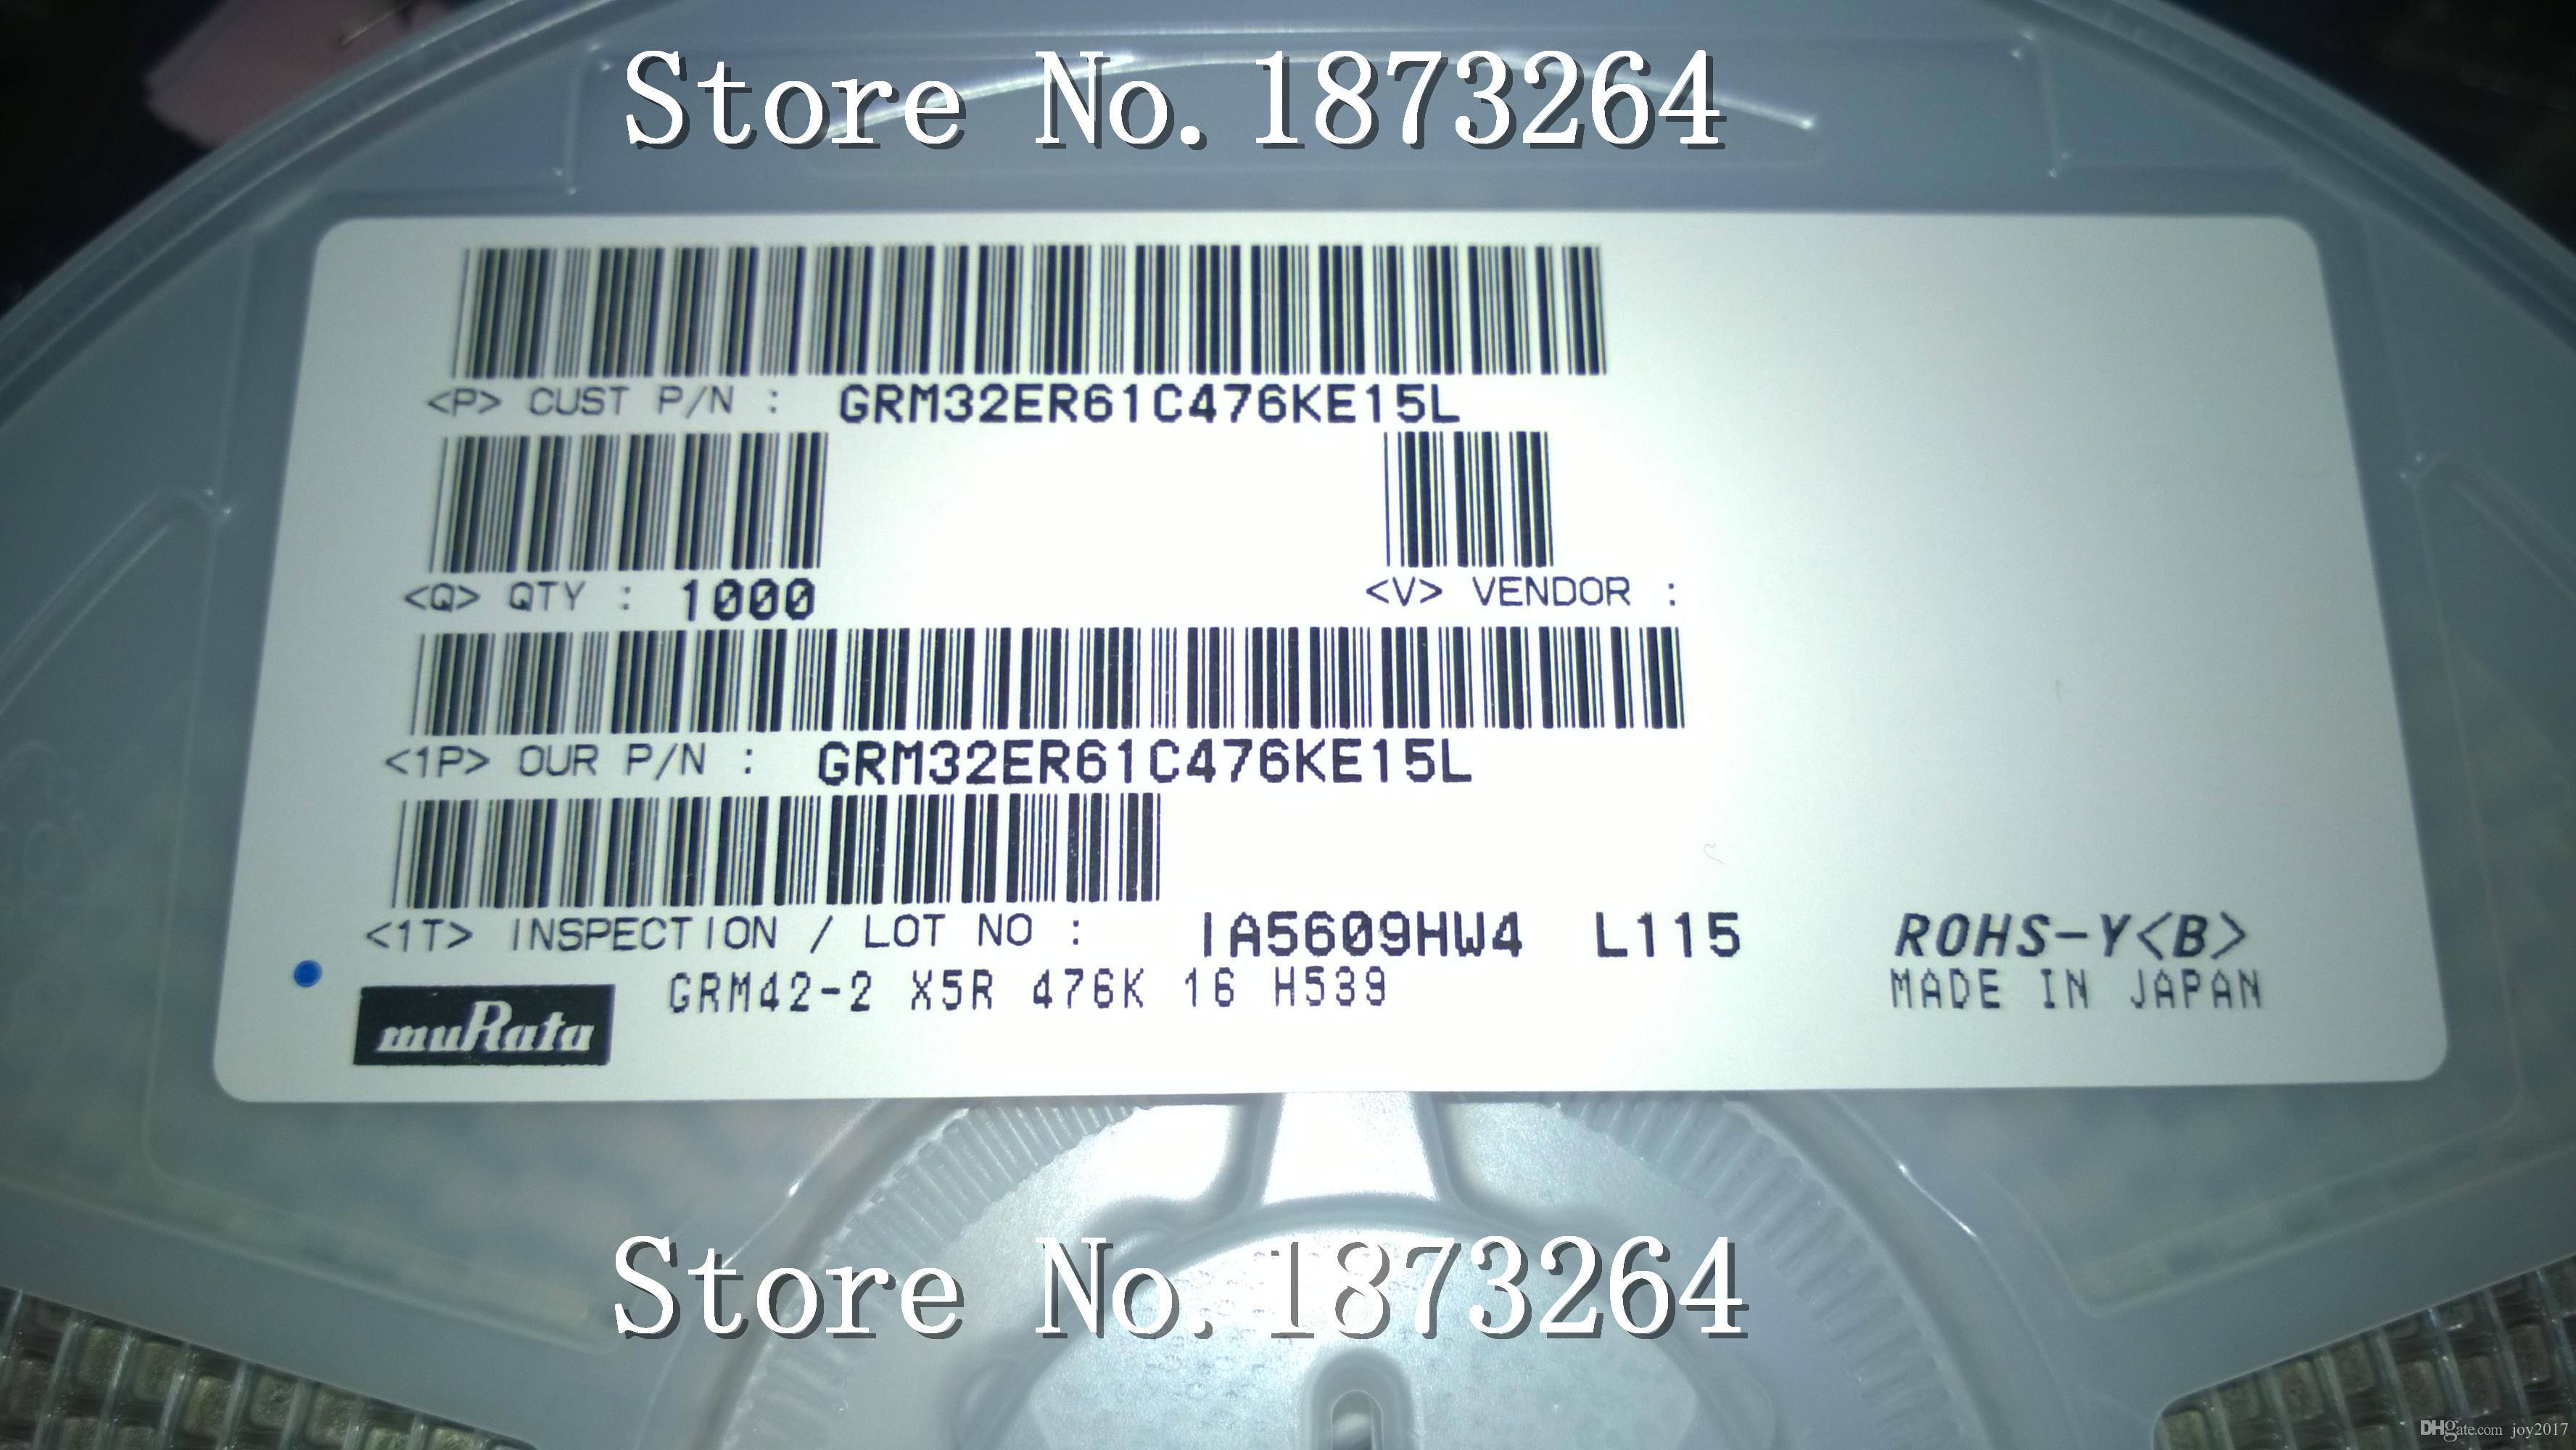 1000 قطعة / الوحدة كاب سير 47 فائق التوهج 16 فولت x5r 1210 47 فائق التوهج 16 فولت 1210 476 16 فولت 10٪ جديدة ومبتكرة في المخزون GRM32ER61C476KE15L